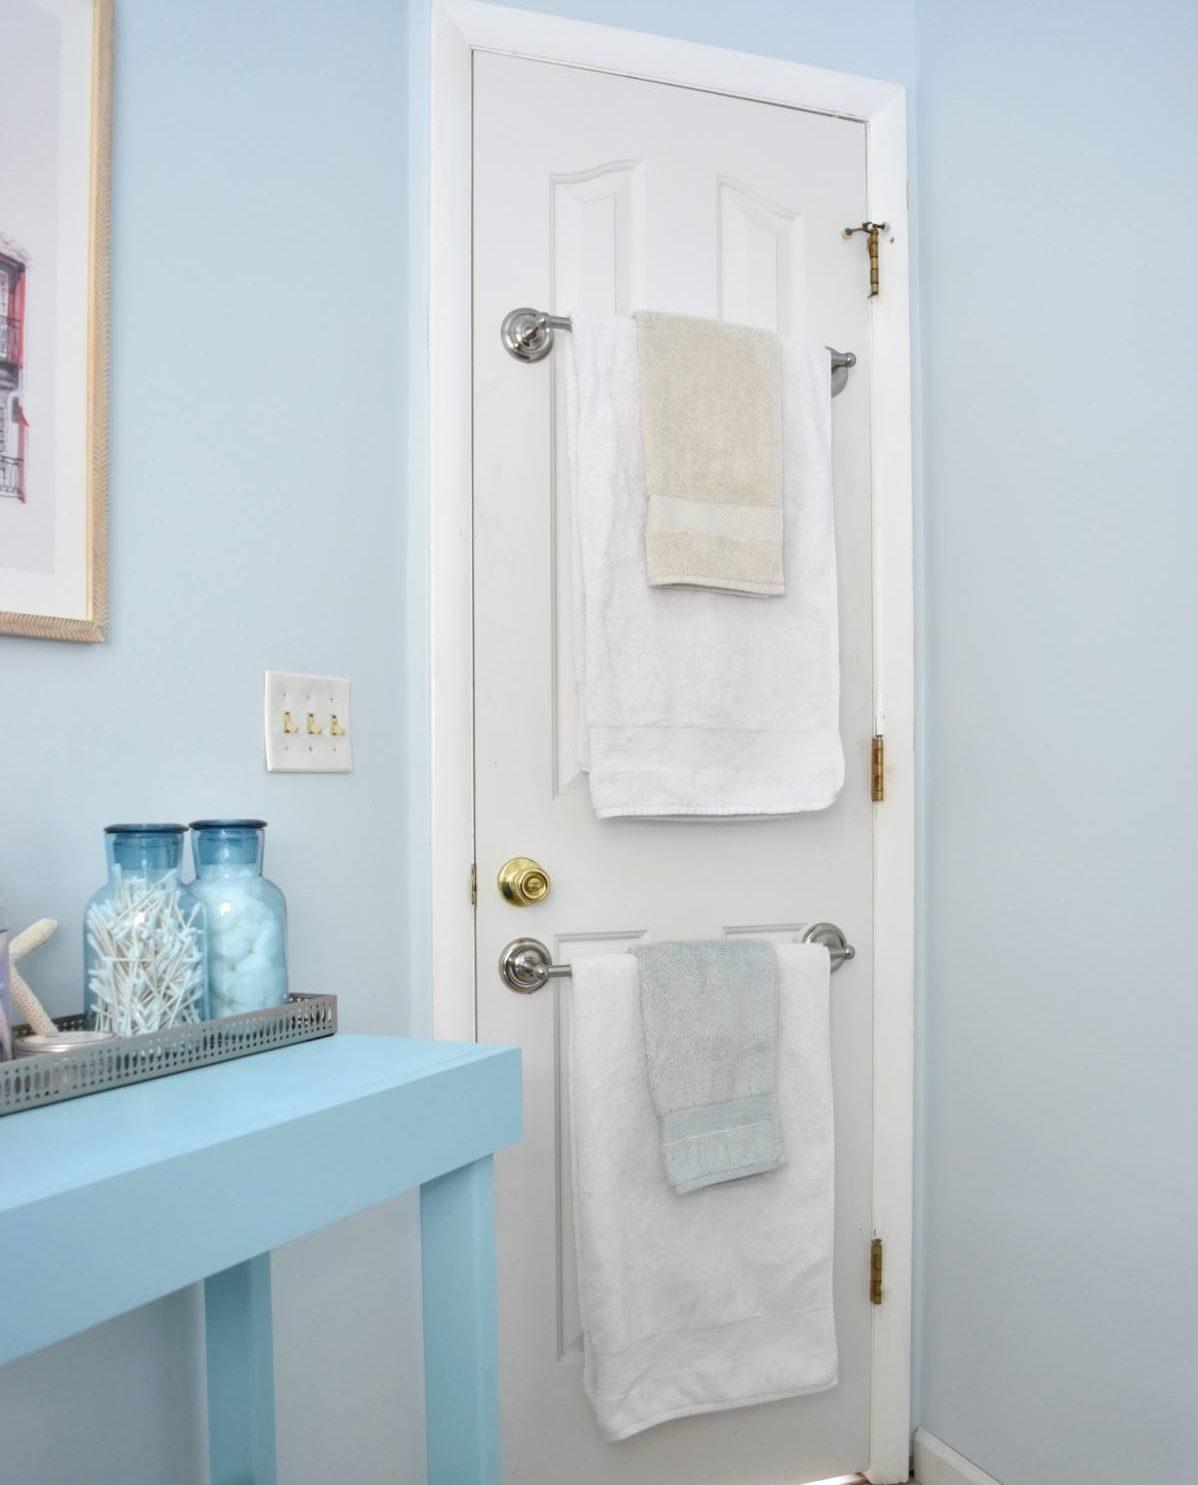 Door Mounted Towel Bars